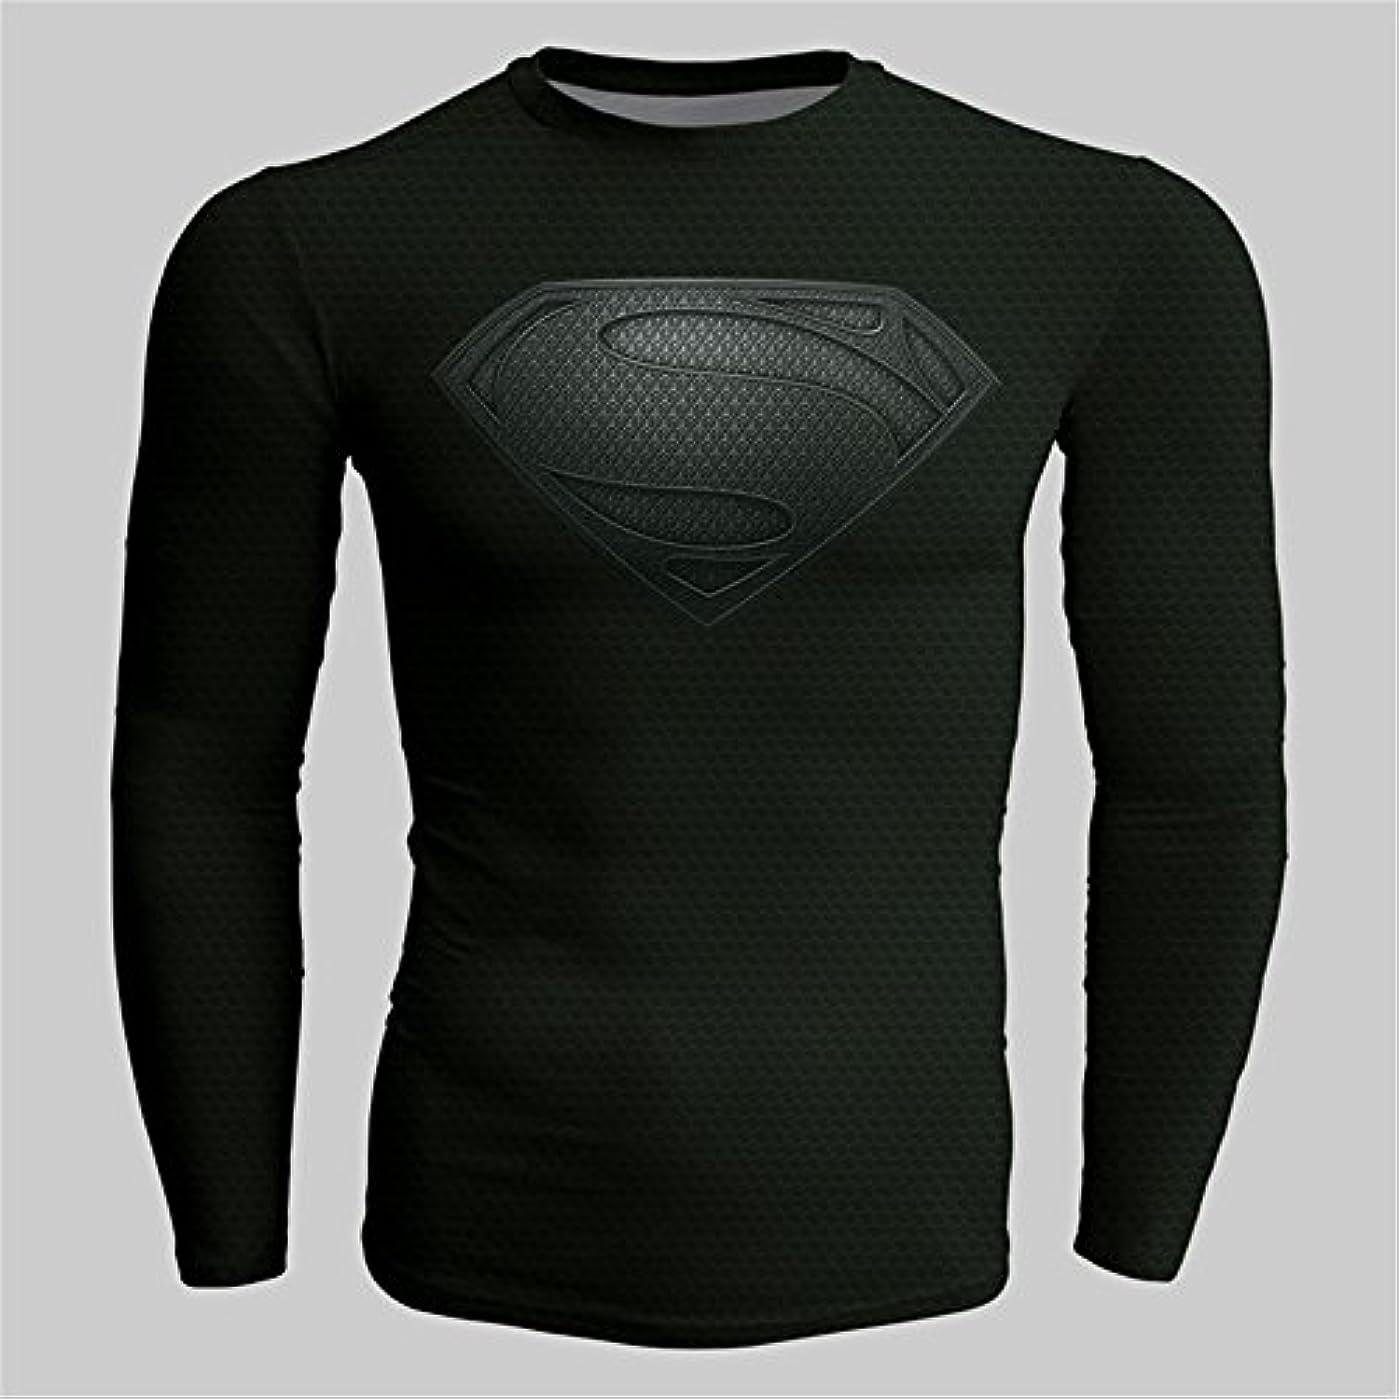 便宜鋭くレンチNINI スーパーマン Tシャツ 速乾 スポーツ tシャツ 長袖tシャツ 3D高品質 プリント tシャツ ブラック